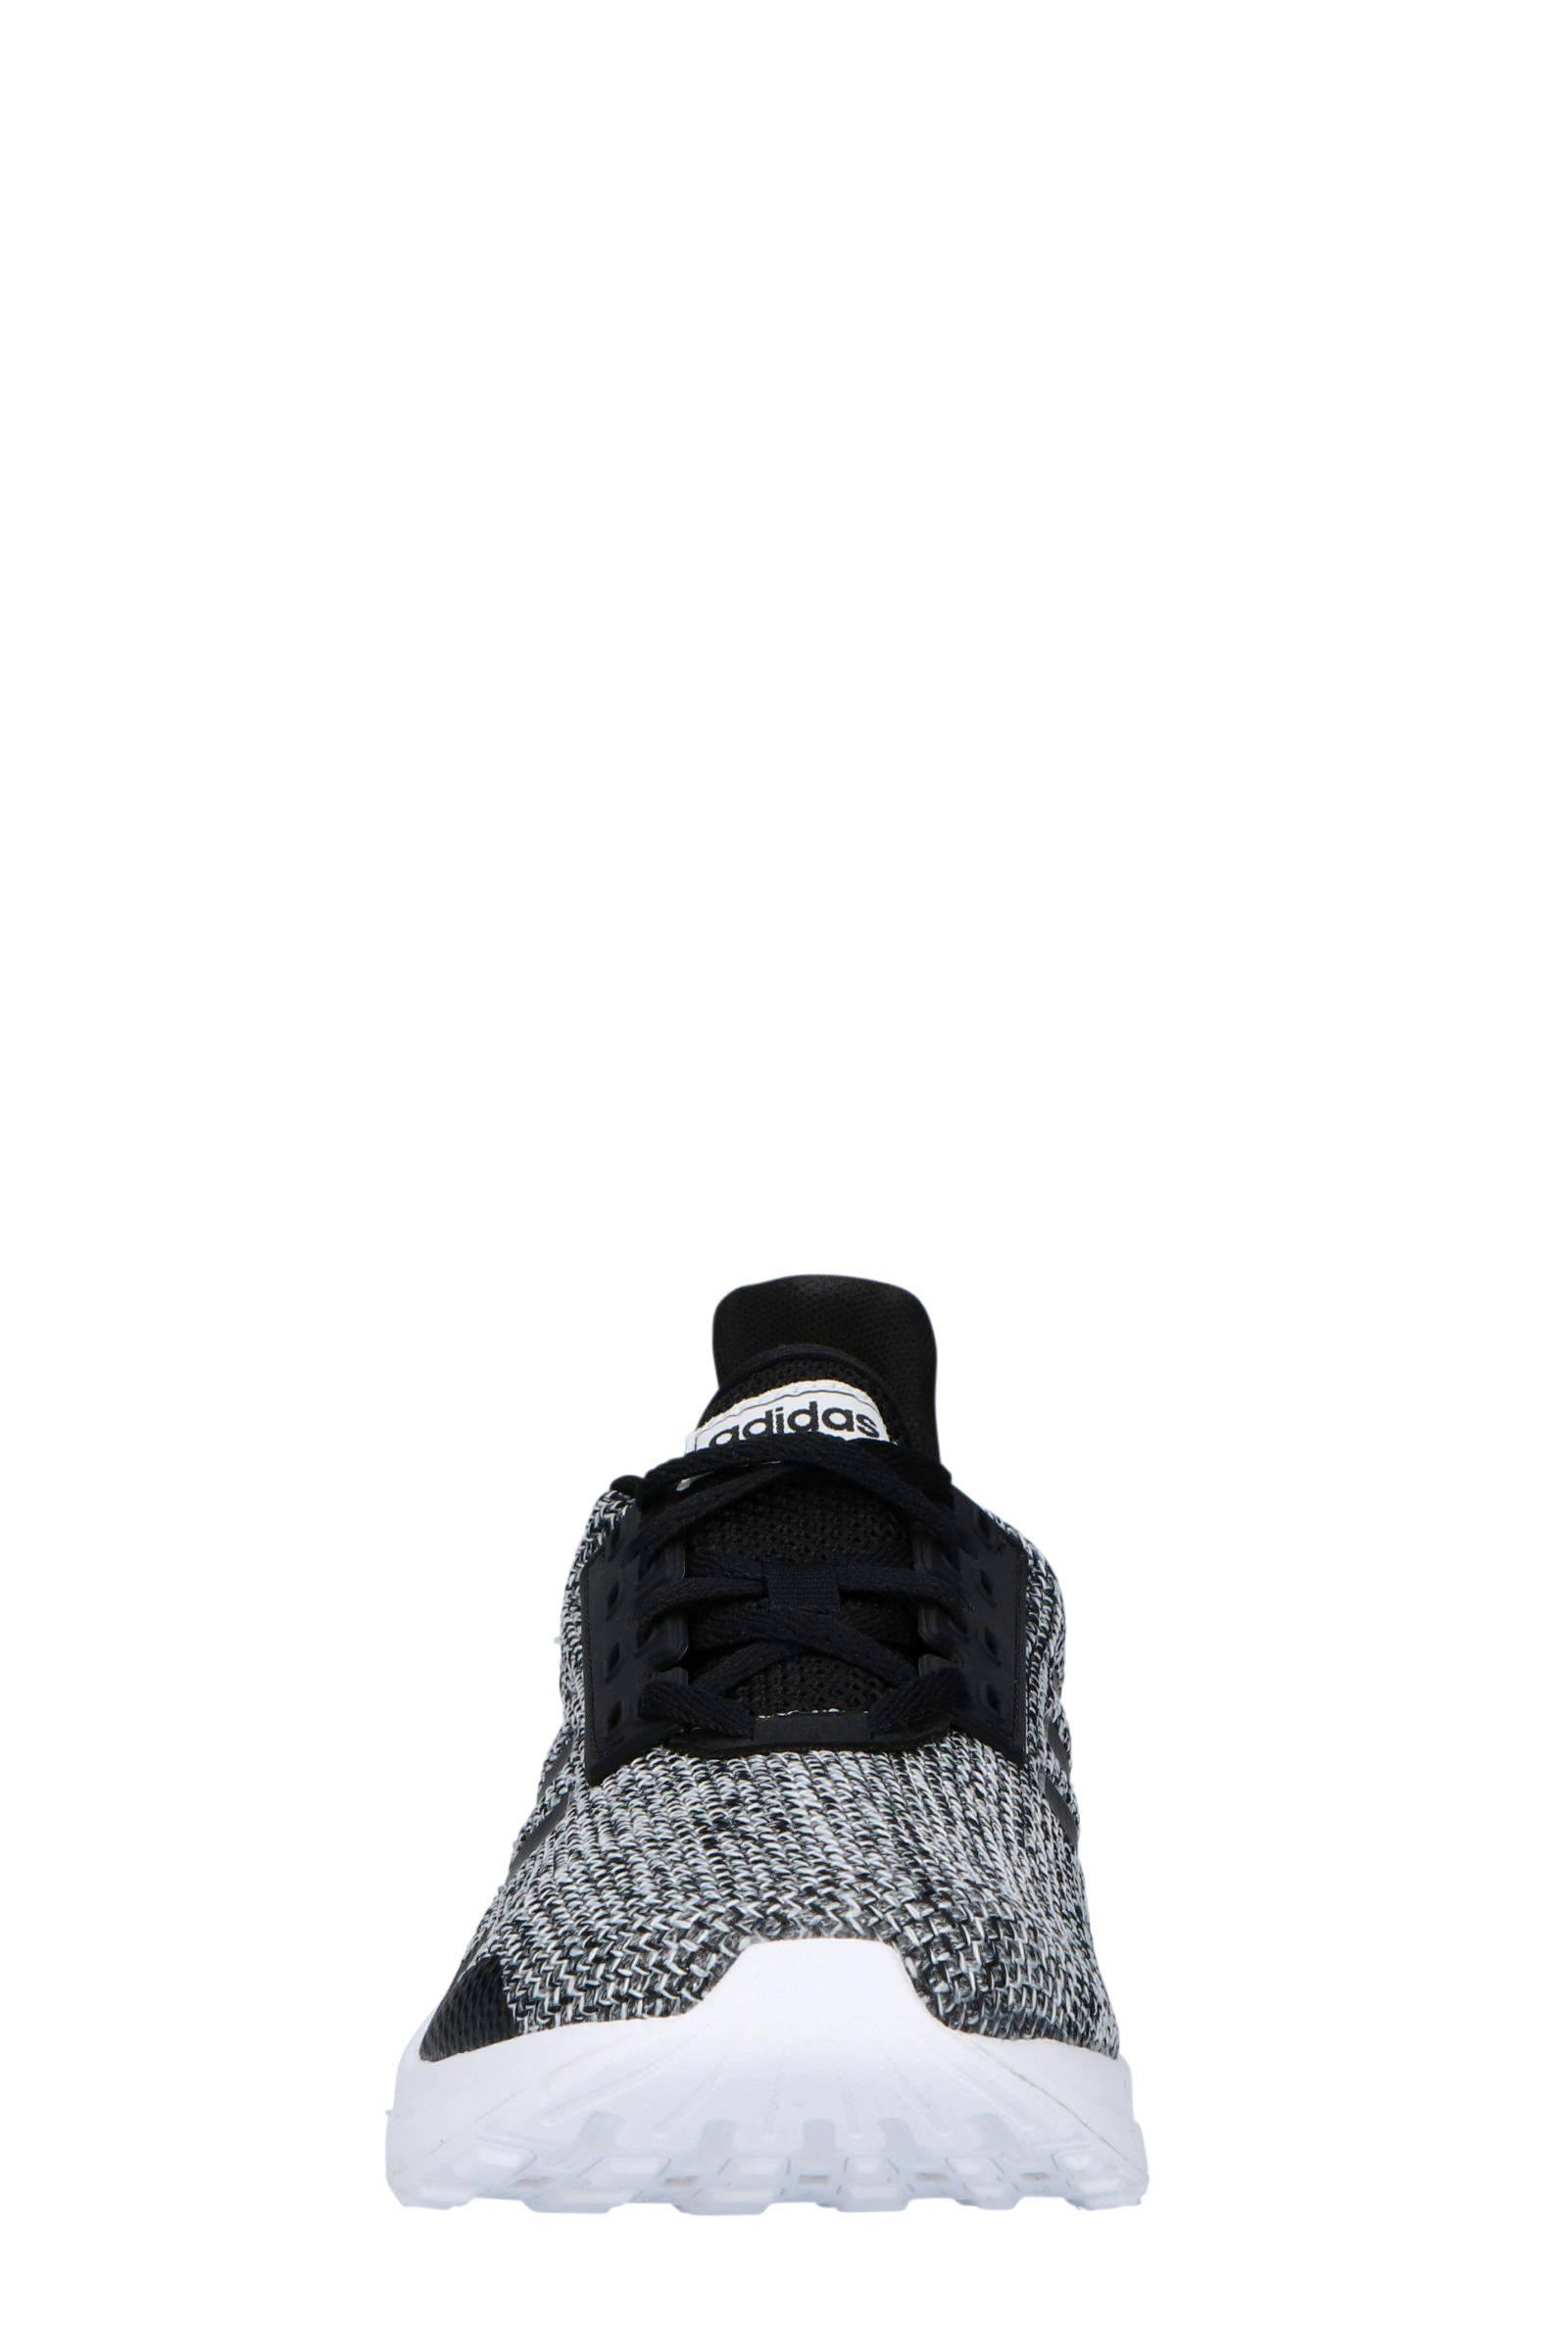 adidas Performance Duramo 9 Hardloopschoenen Zwart/grijs/wit in het Zwart voor heren